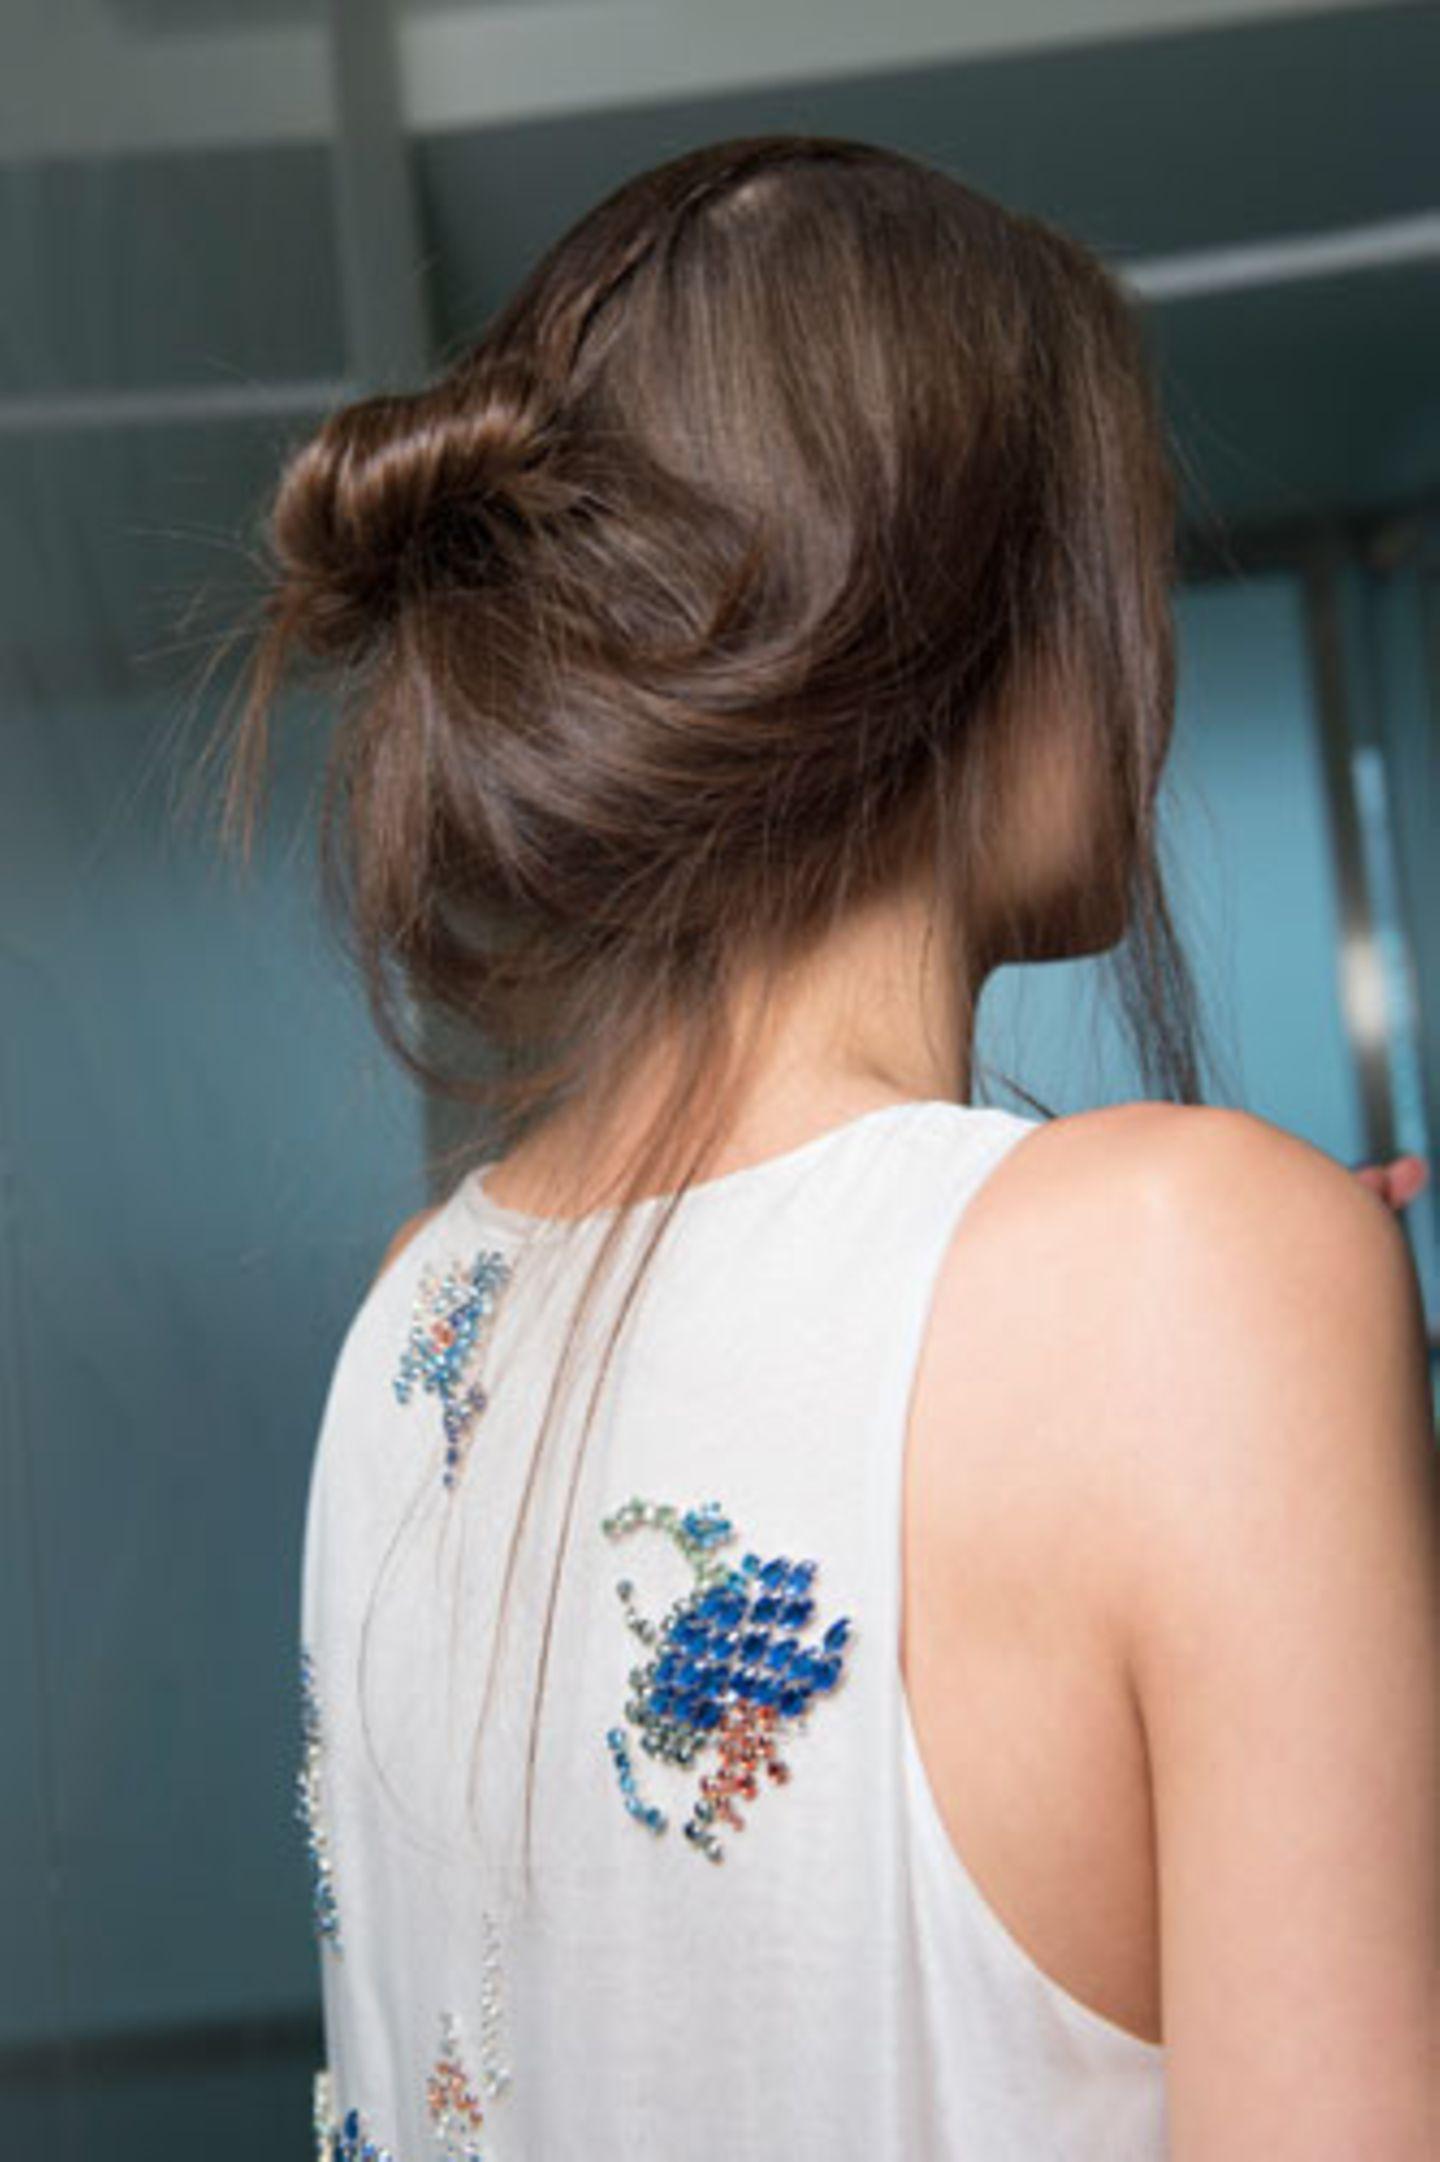 Trendfrisuren 2015: Dutt Frisur bei Antonio Berardi von hinten